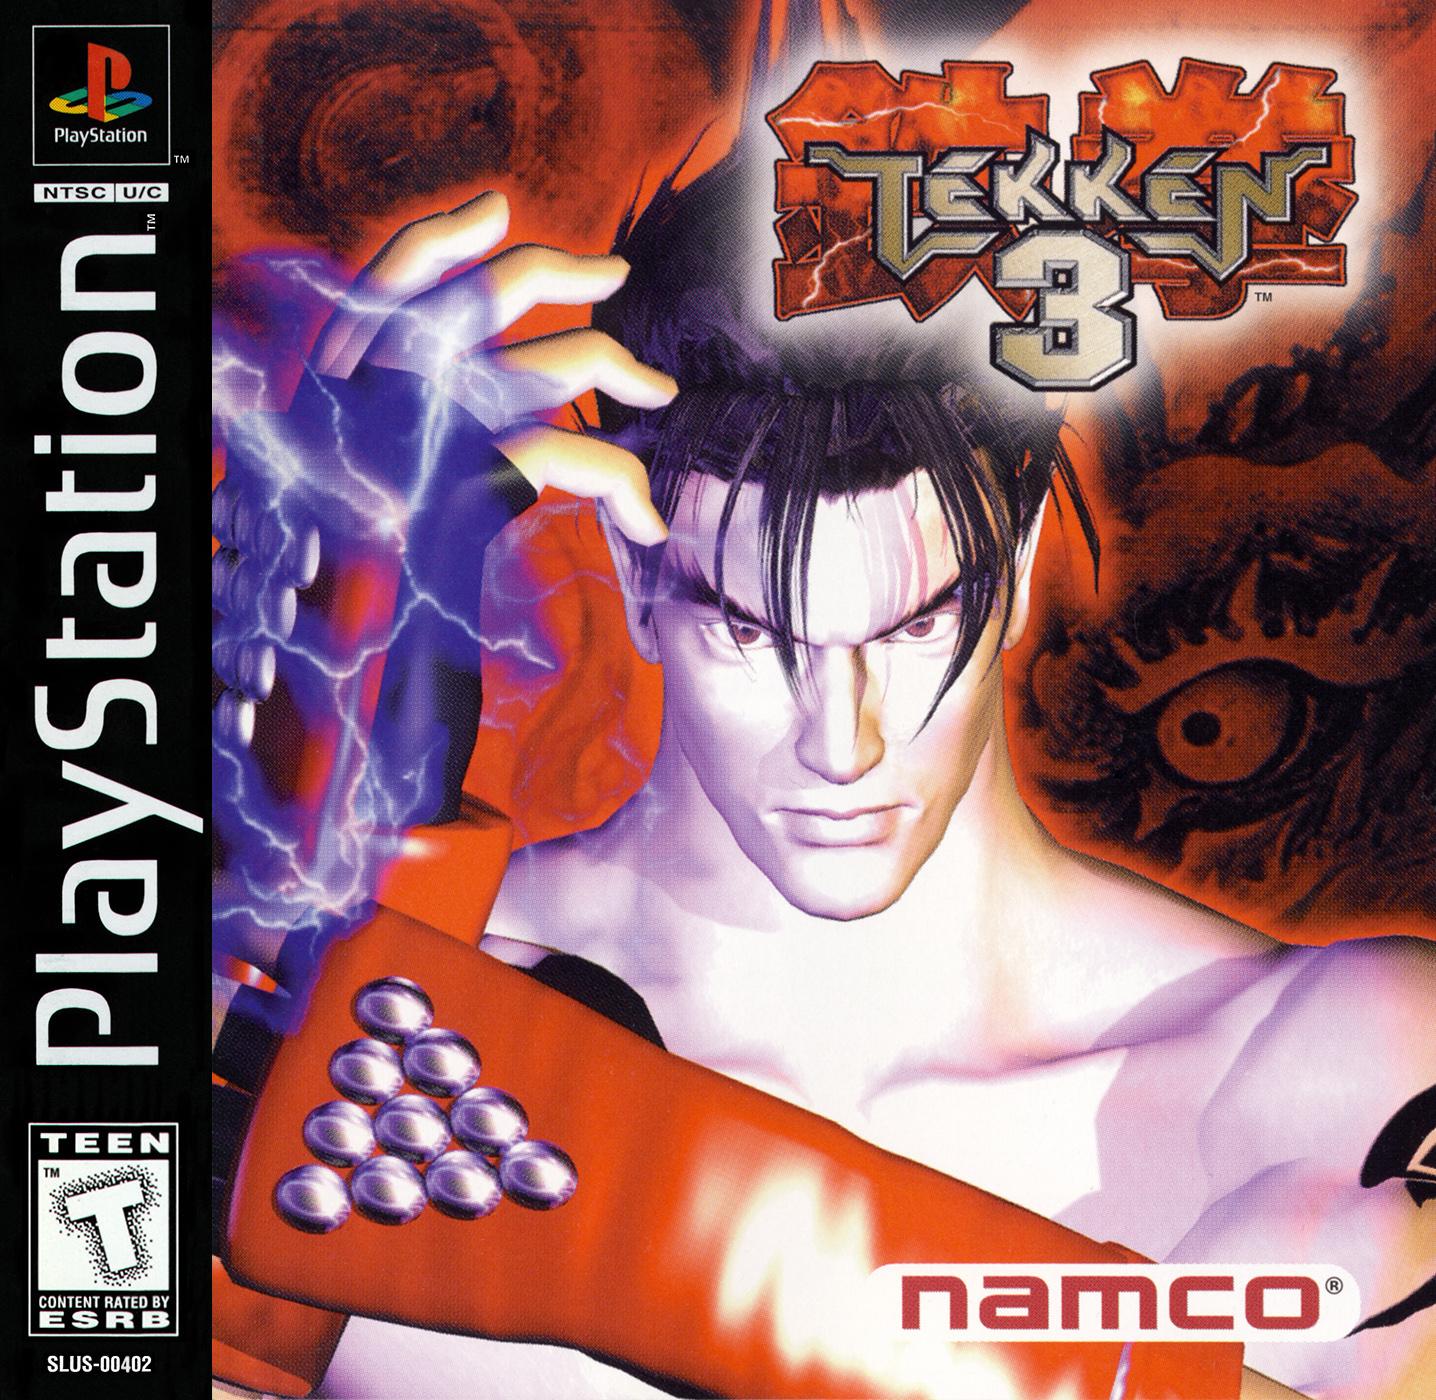 Tekken 3 [SLUS-00402]